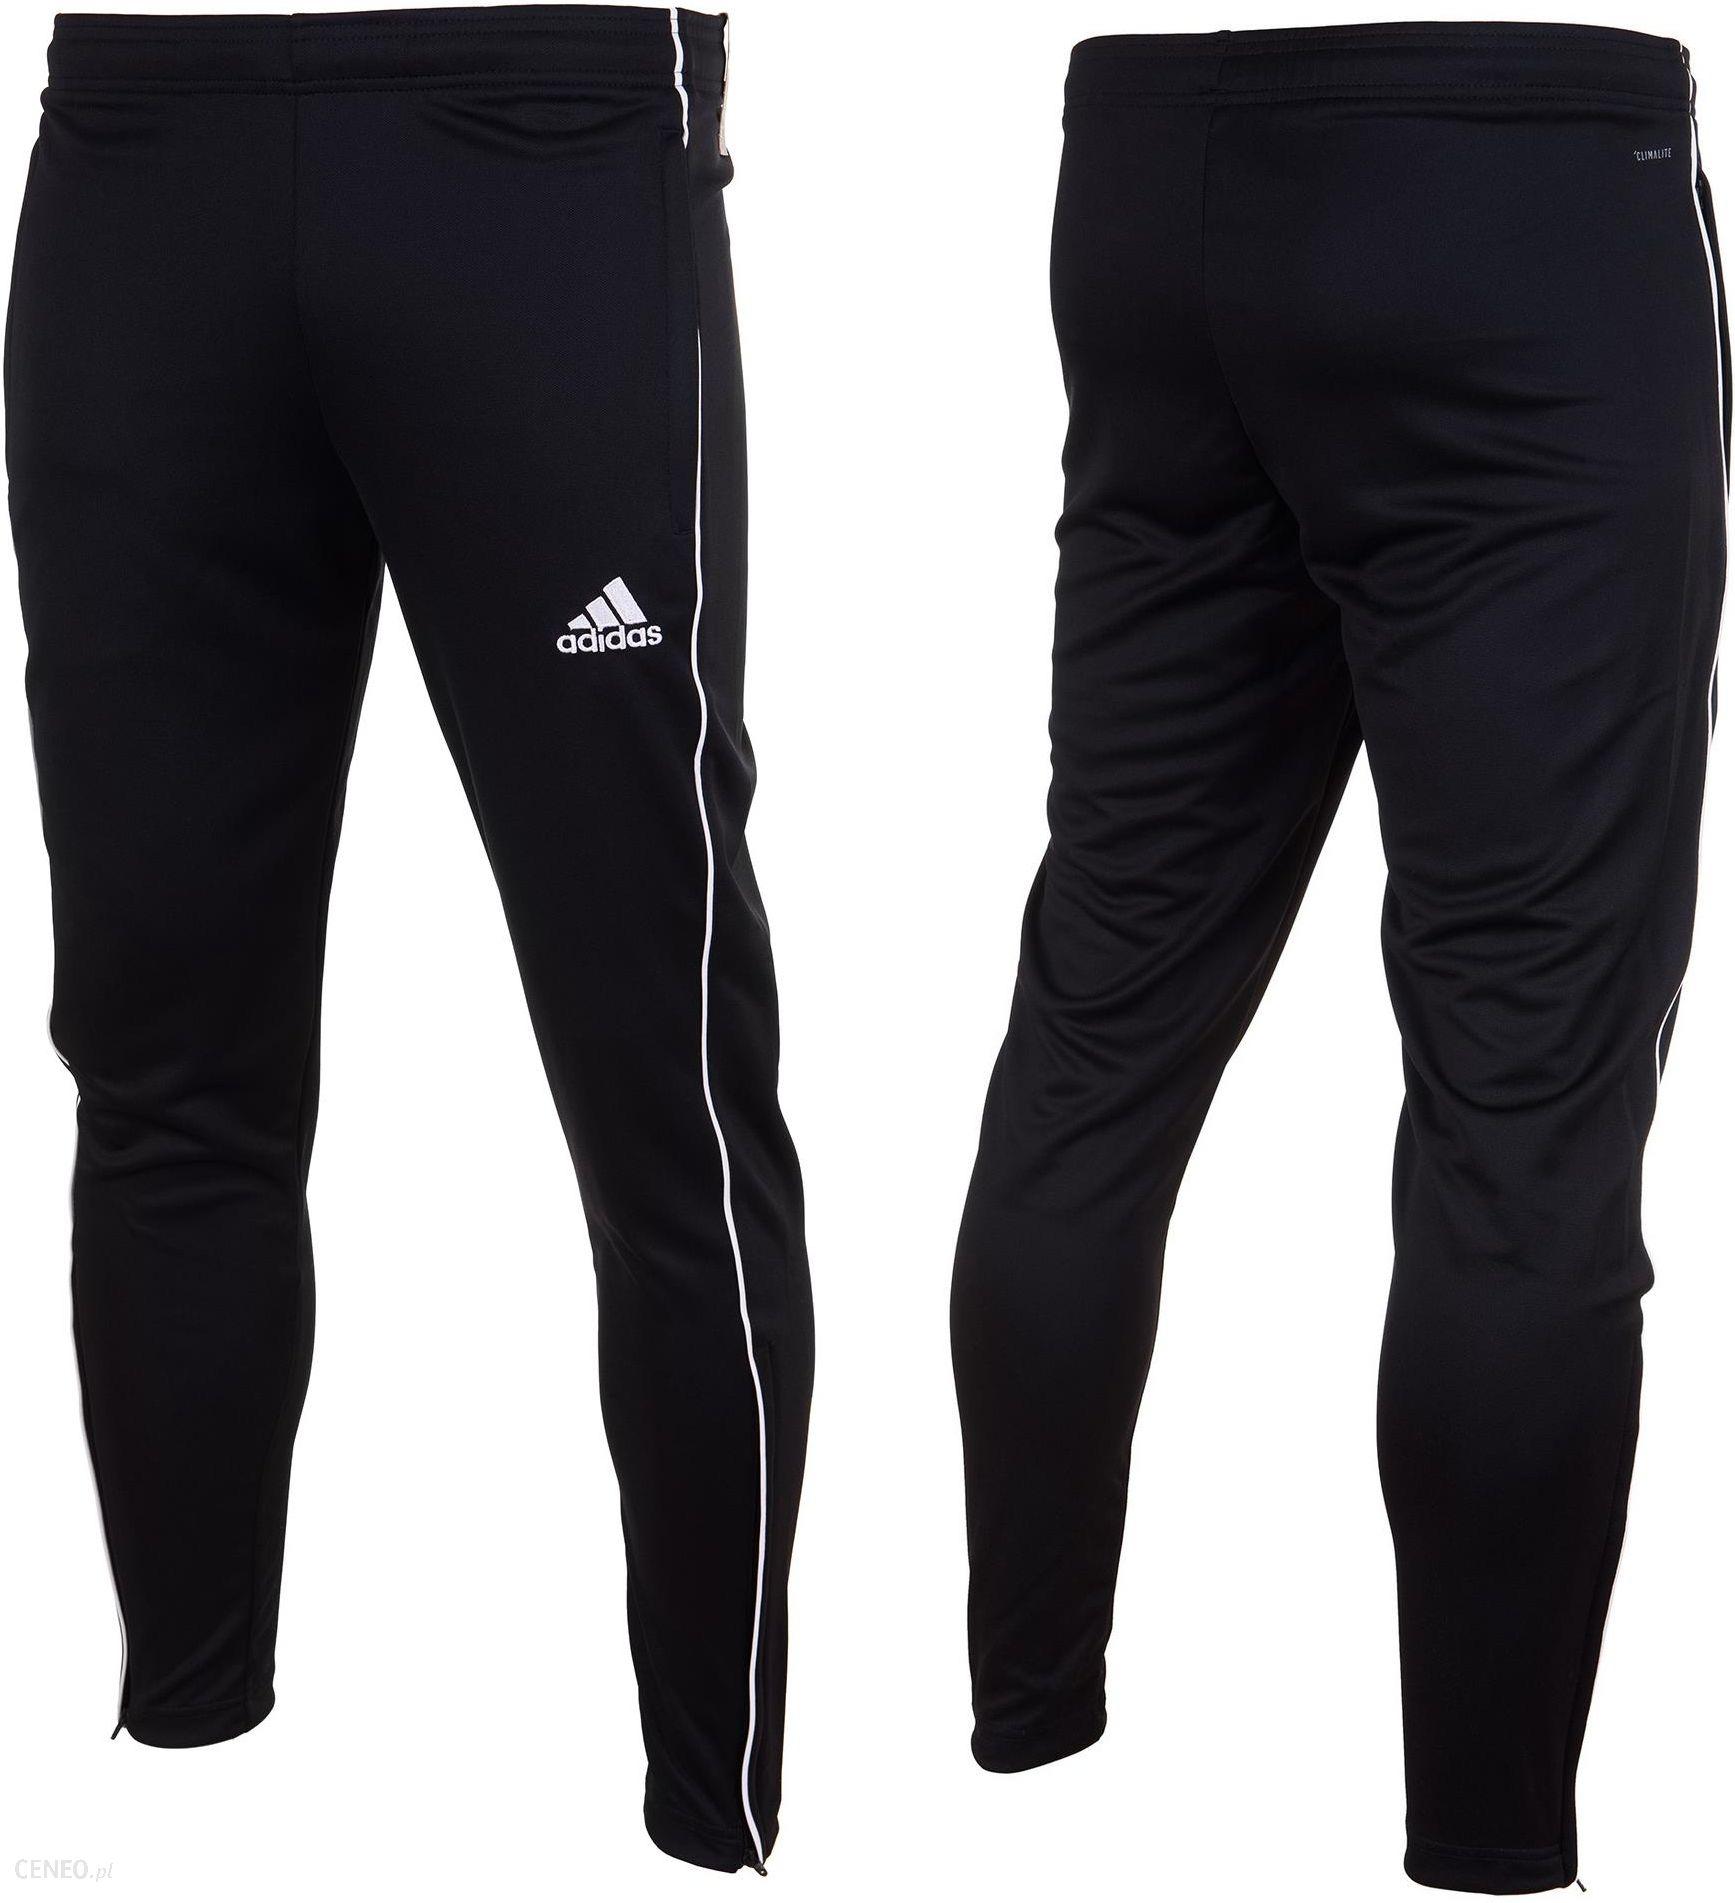 Adidas Spodnie Dresowe Męskie Core 18 CE9036 r L